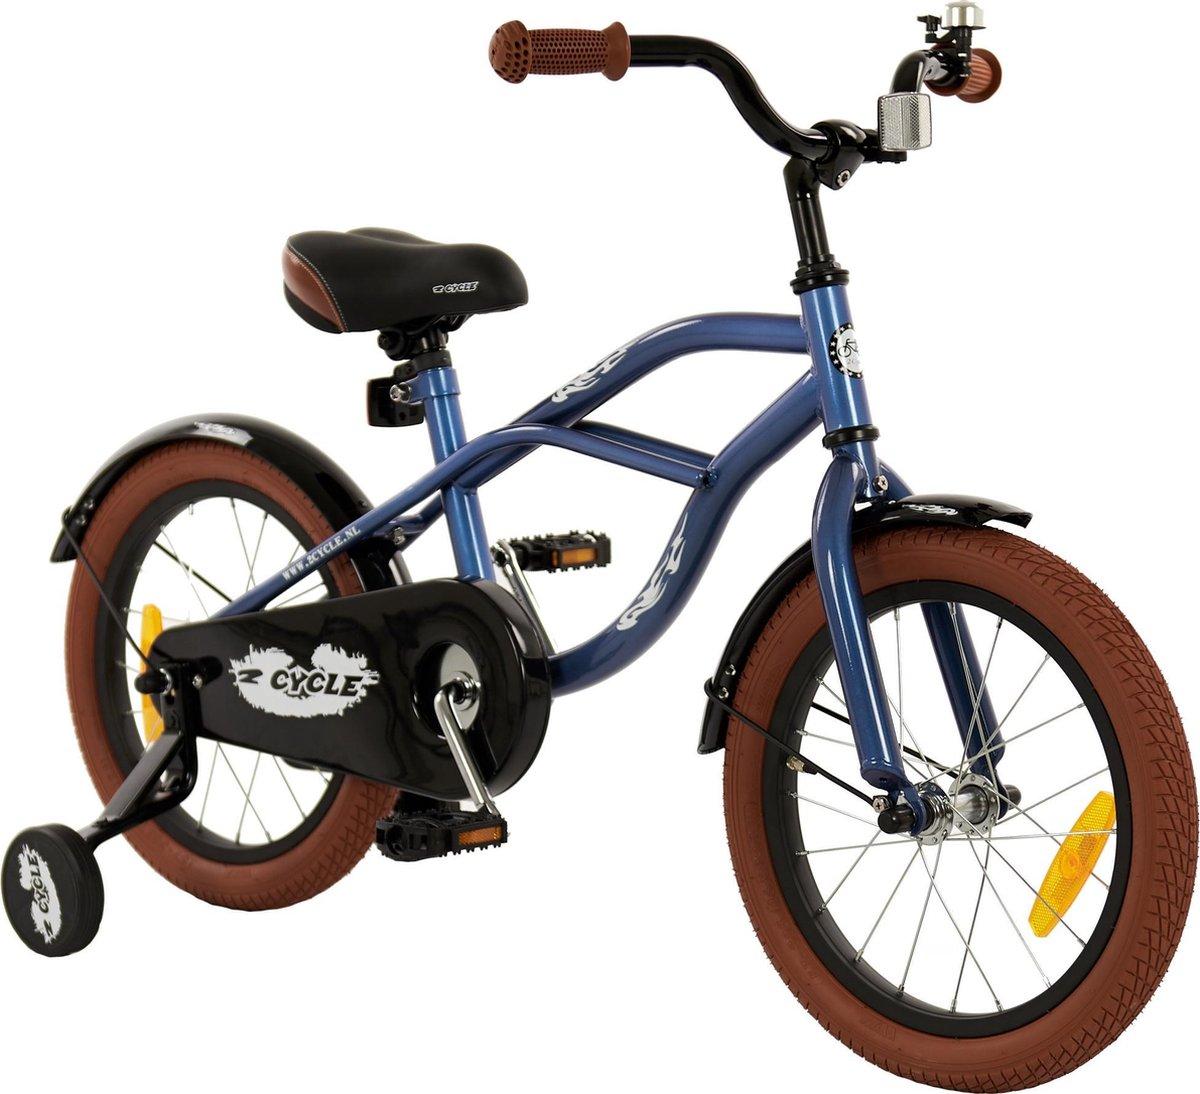 2Cycle Cruiser Kinderfiets - 16 inch - Blauw - Jongensfiets